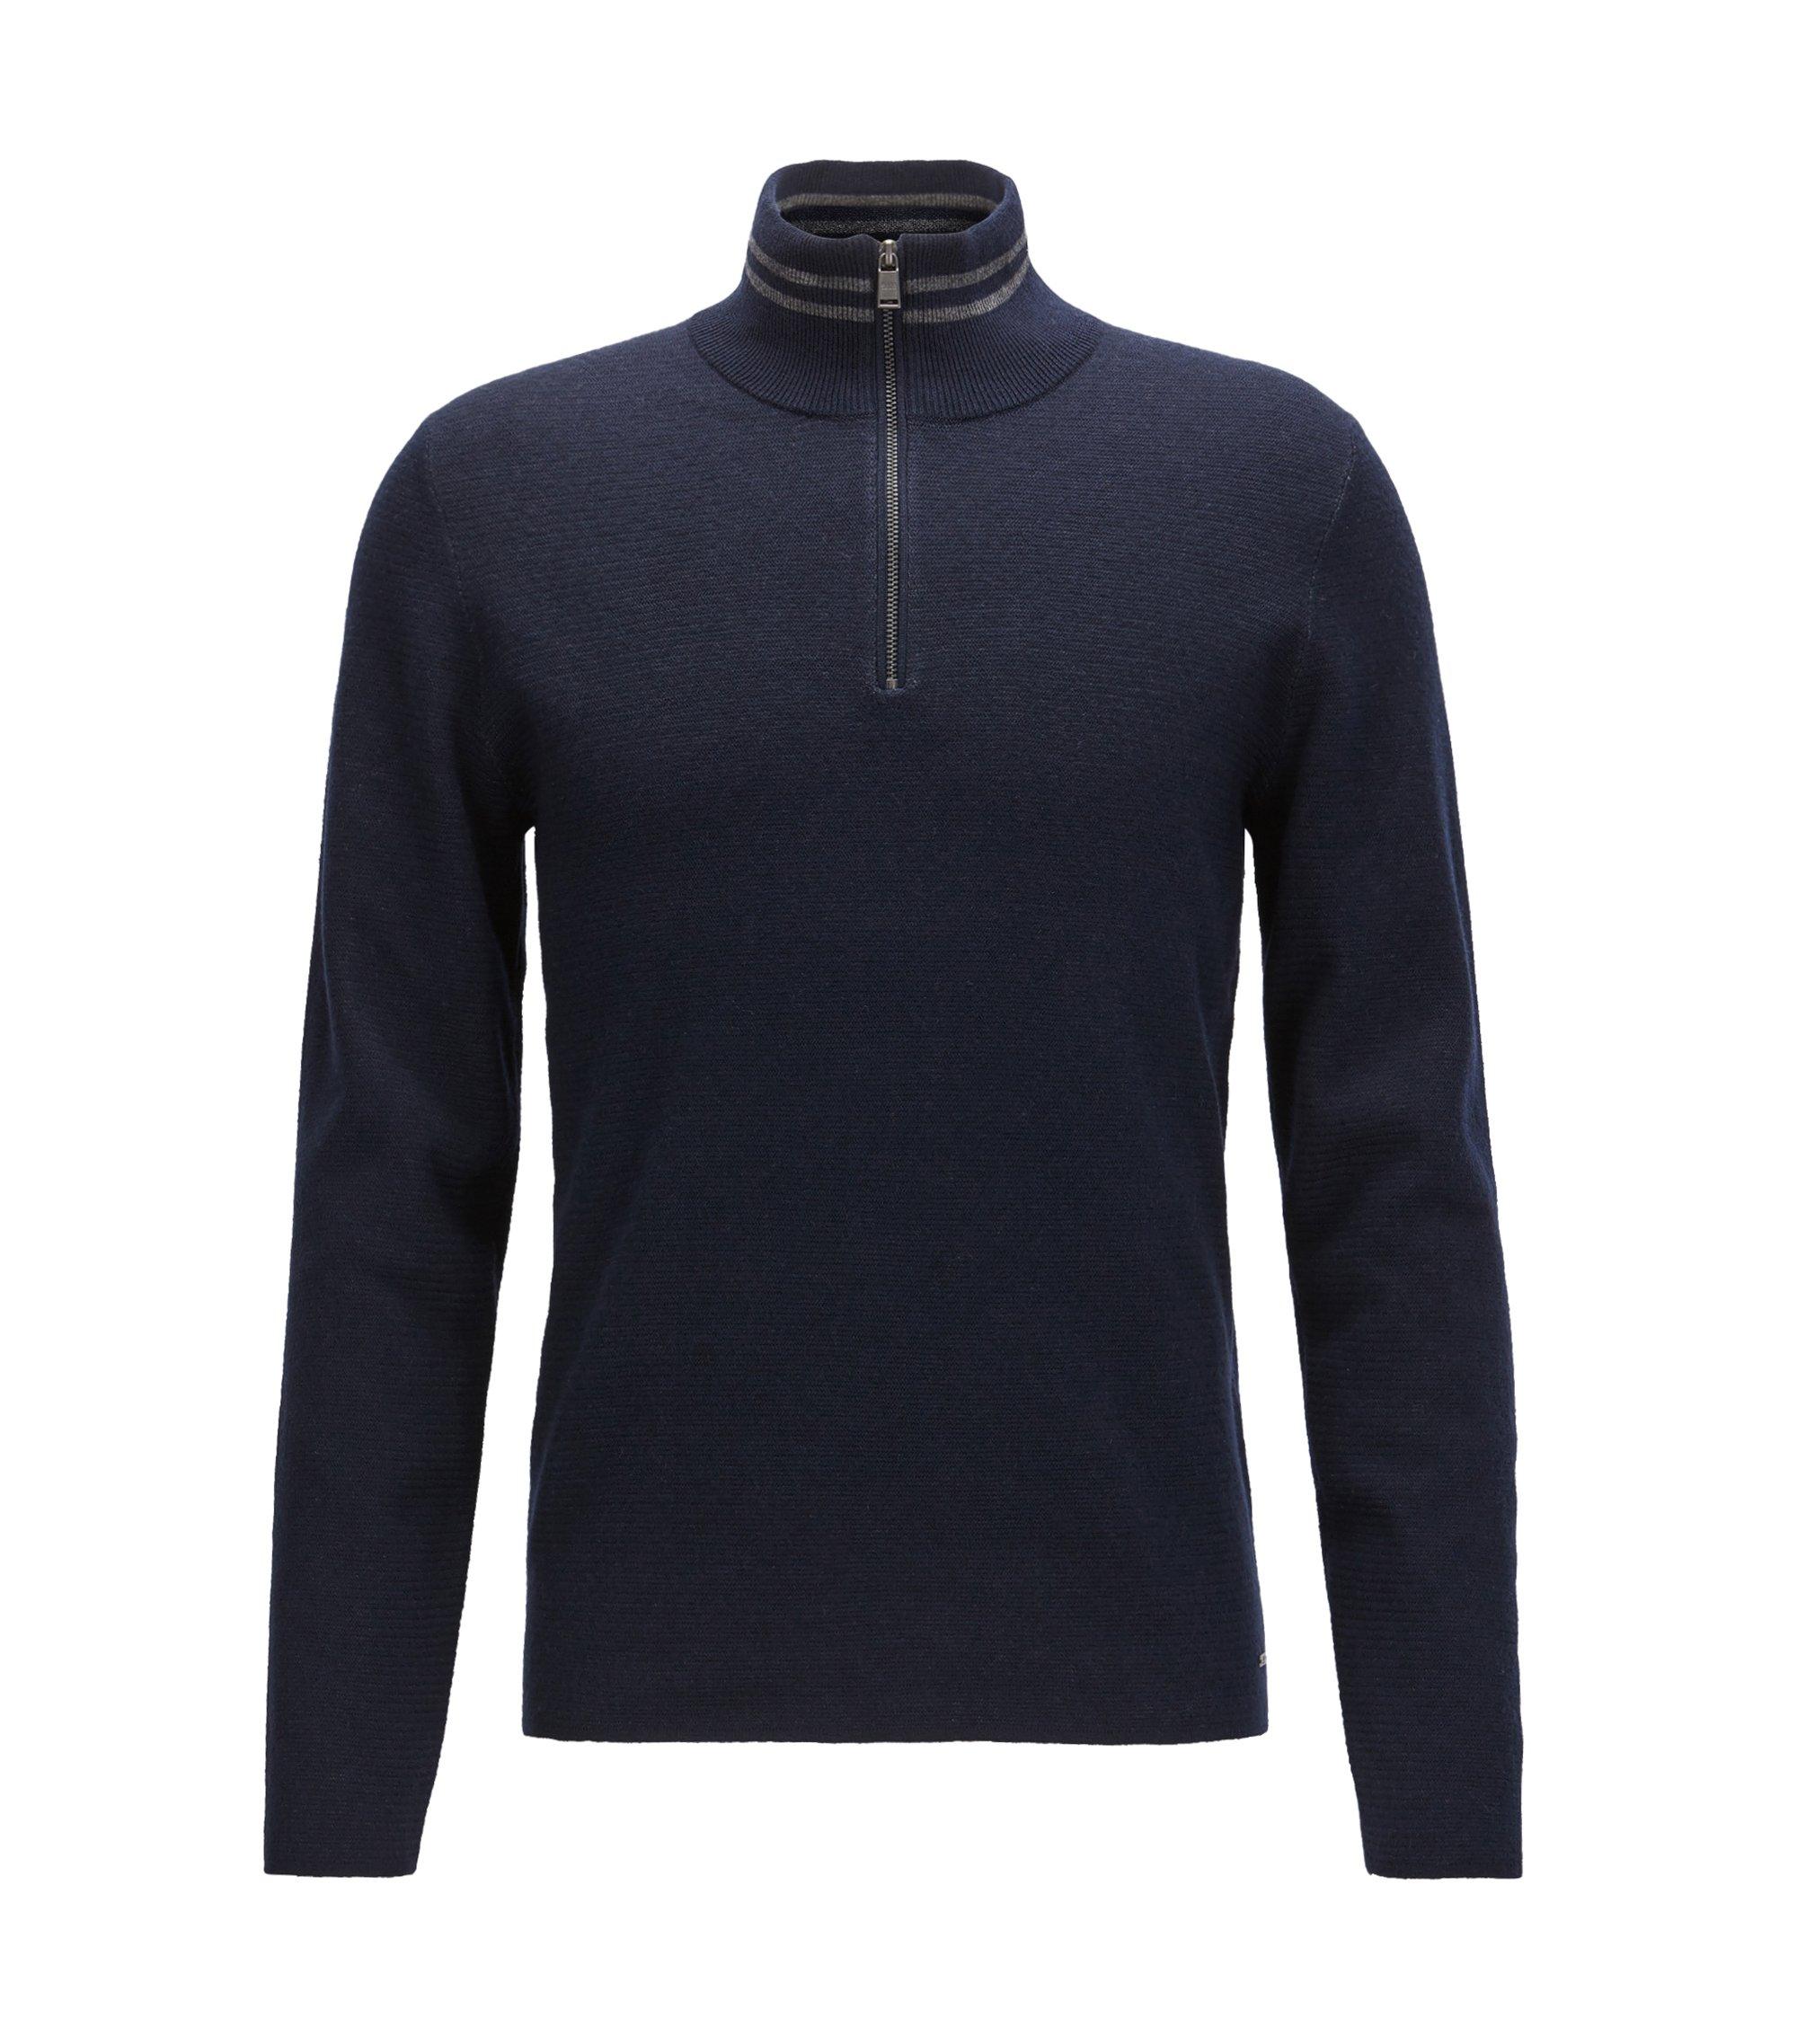 Pull structuré à col zippé en mélange coton et laine, Bleu foncé